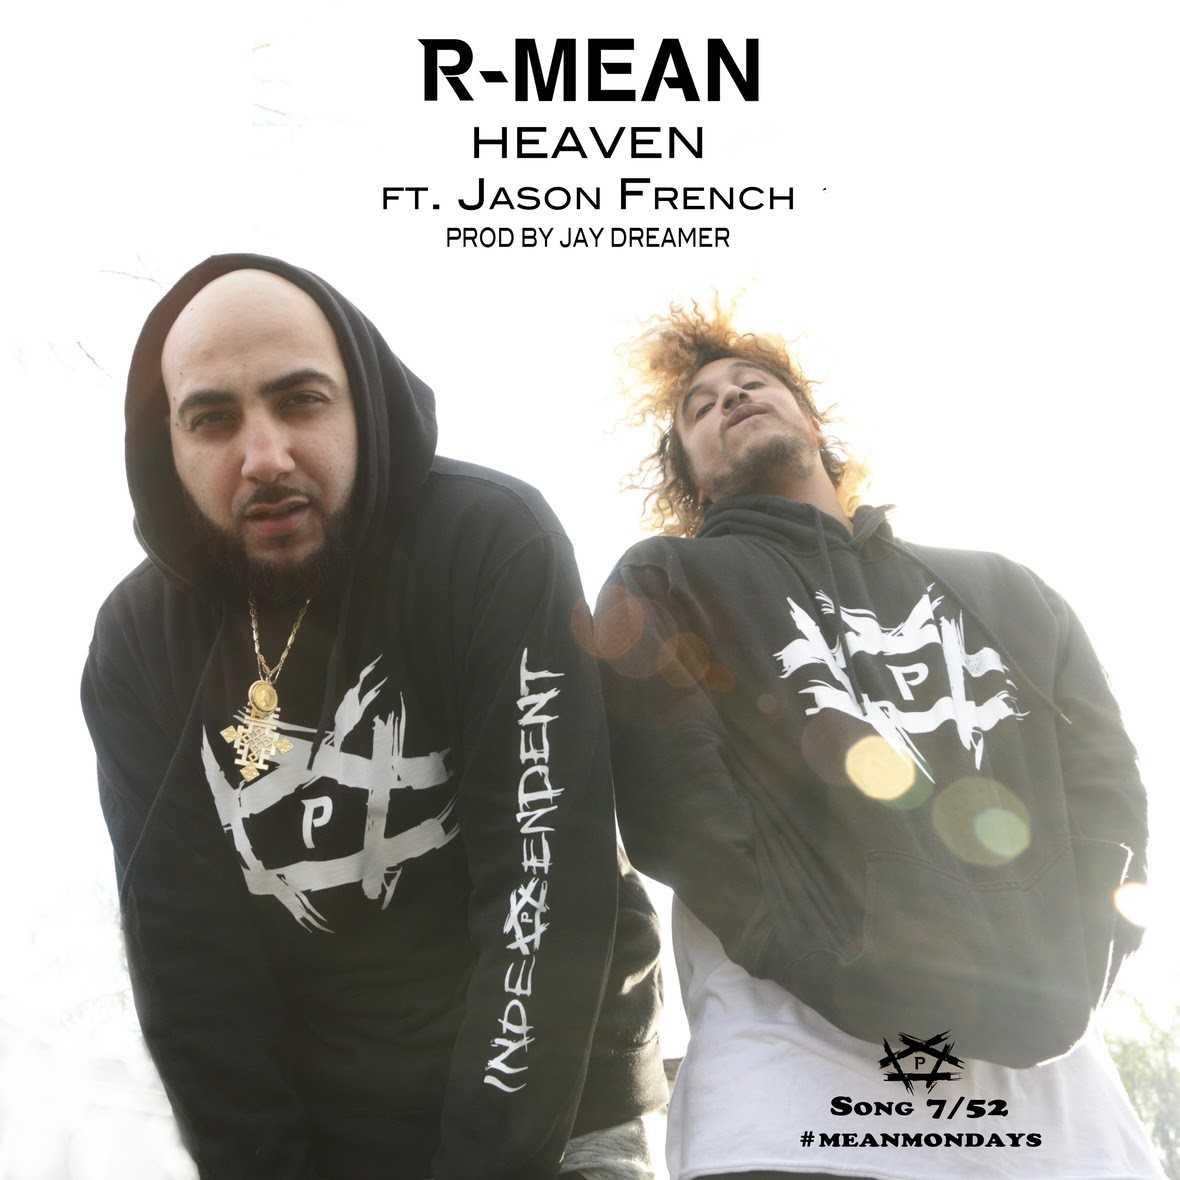 """WEST COAST RAP ARTIST R-MEAN UNVEILS NEW SINGLE """"HEAVEN"""" FOR #MEANMONDAYS [AUDIO]"""